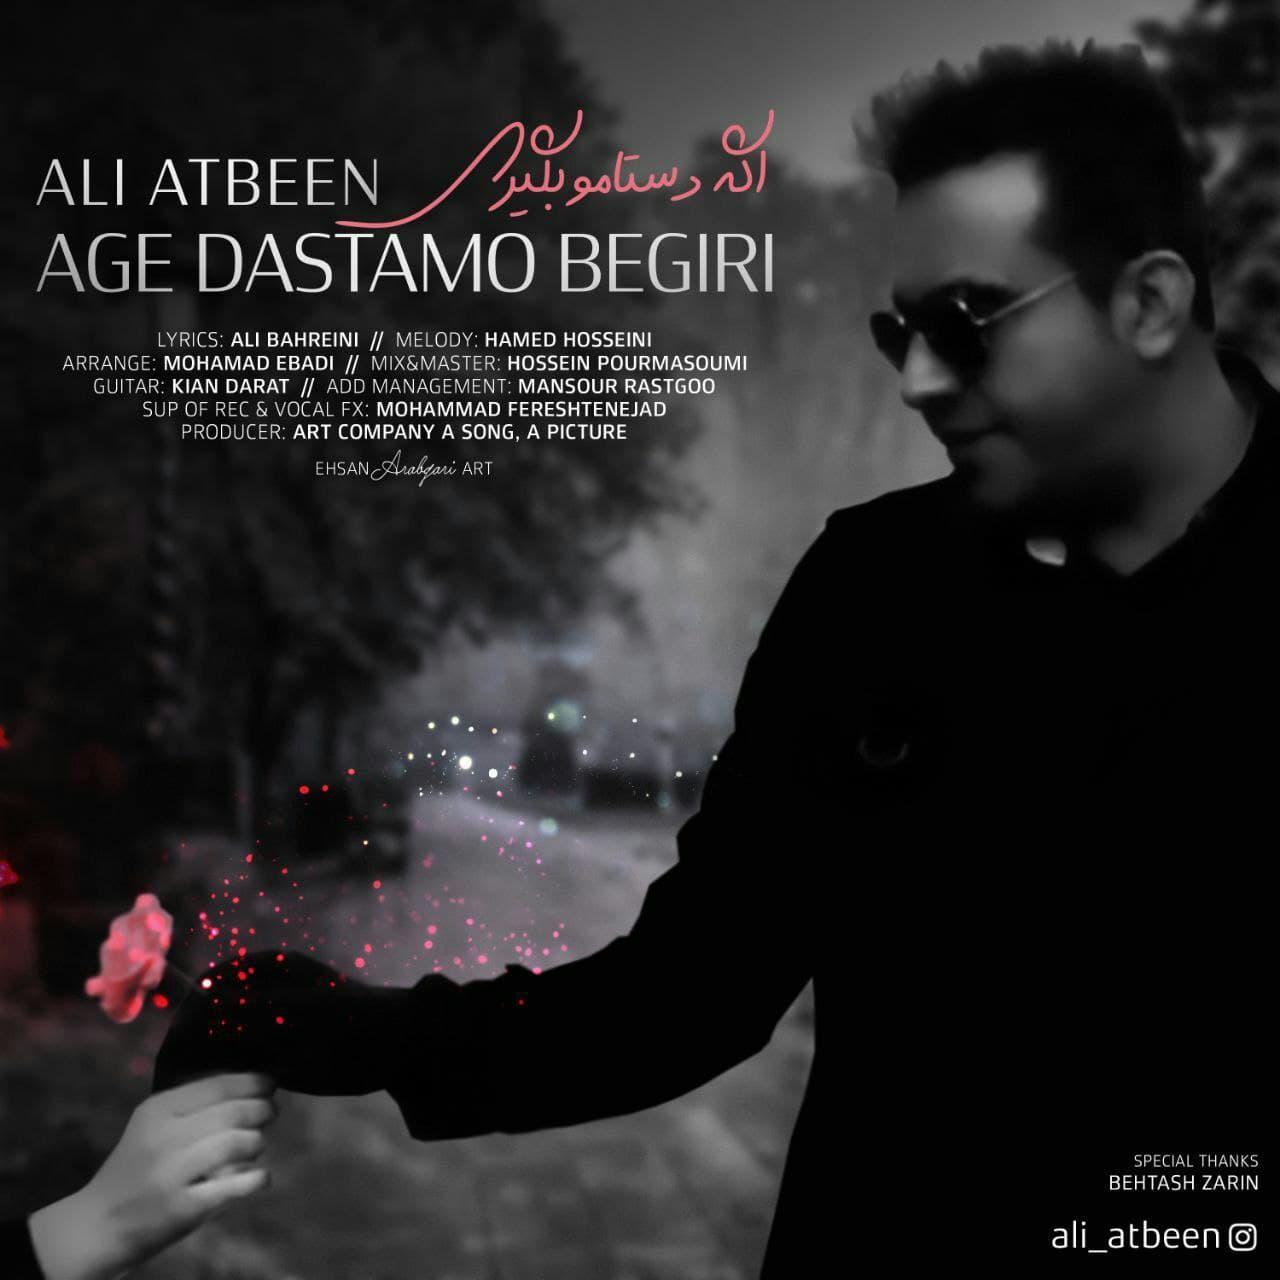 دانلود موزیک جدید اگه دستامو بگیری از علی آتبین